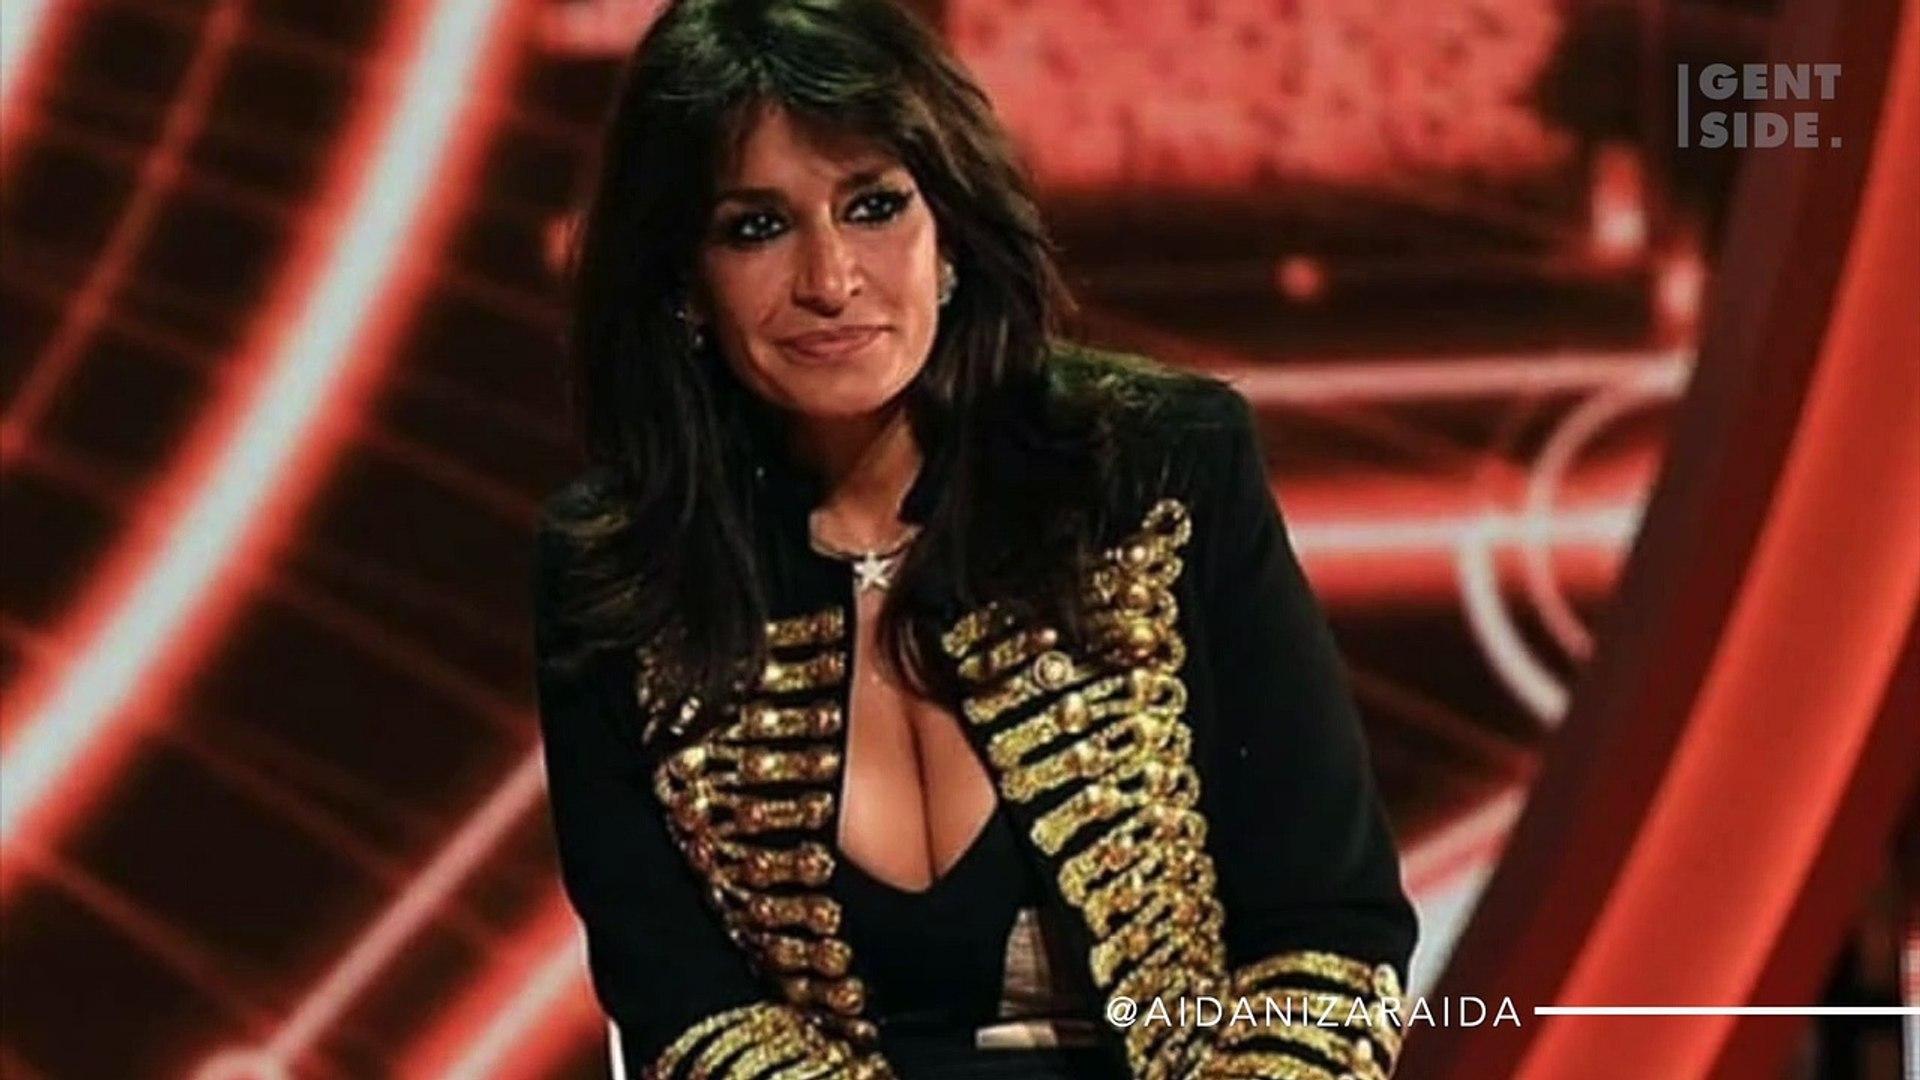 Aida Nizar Desnuda aída nizar posa sin ropa y hace una propuesta indecente a sus seguidores